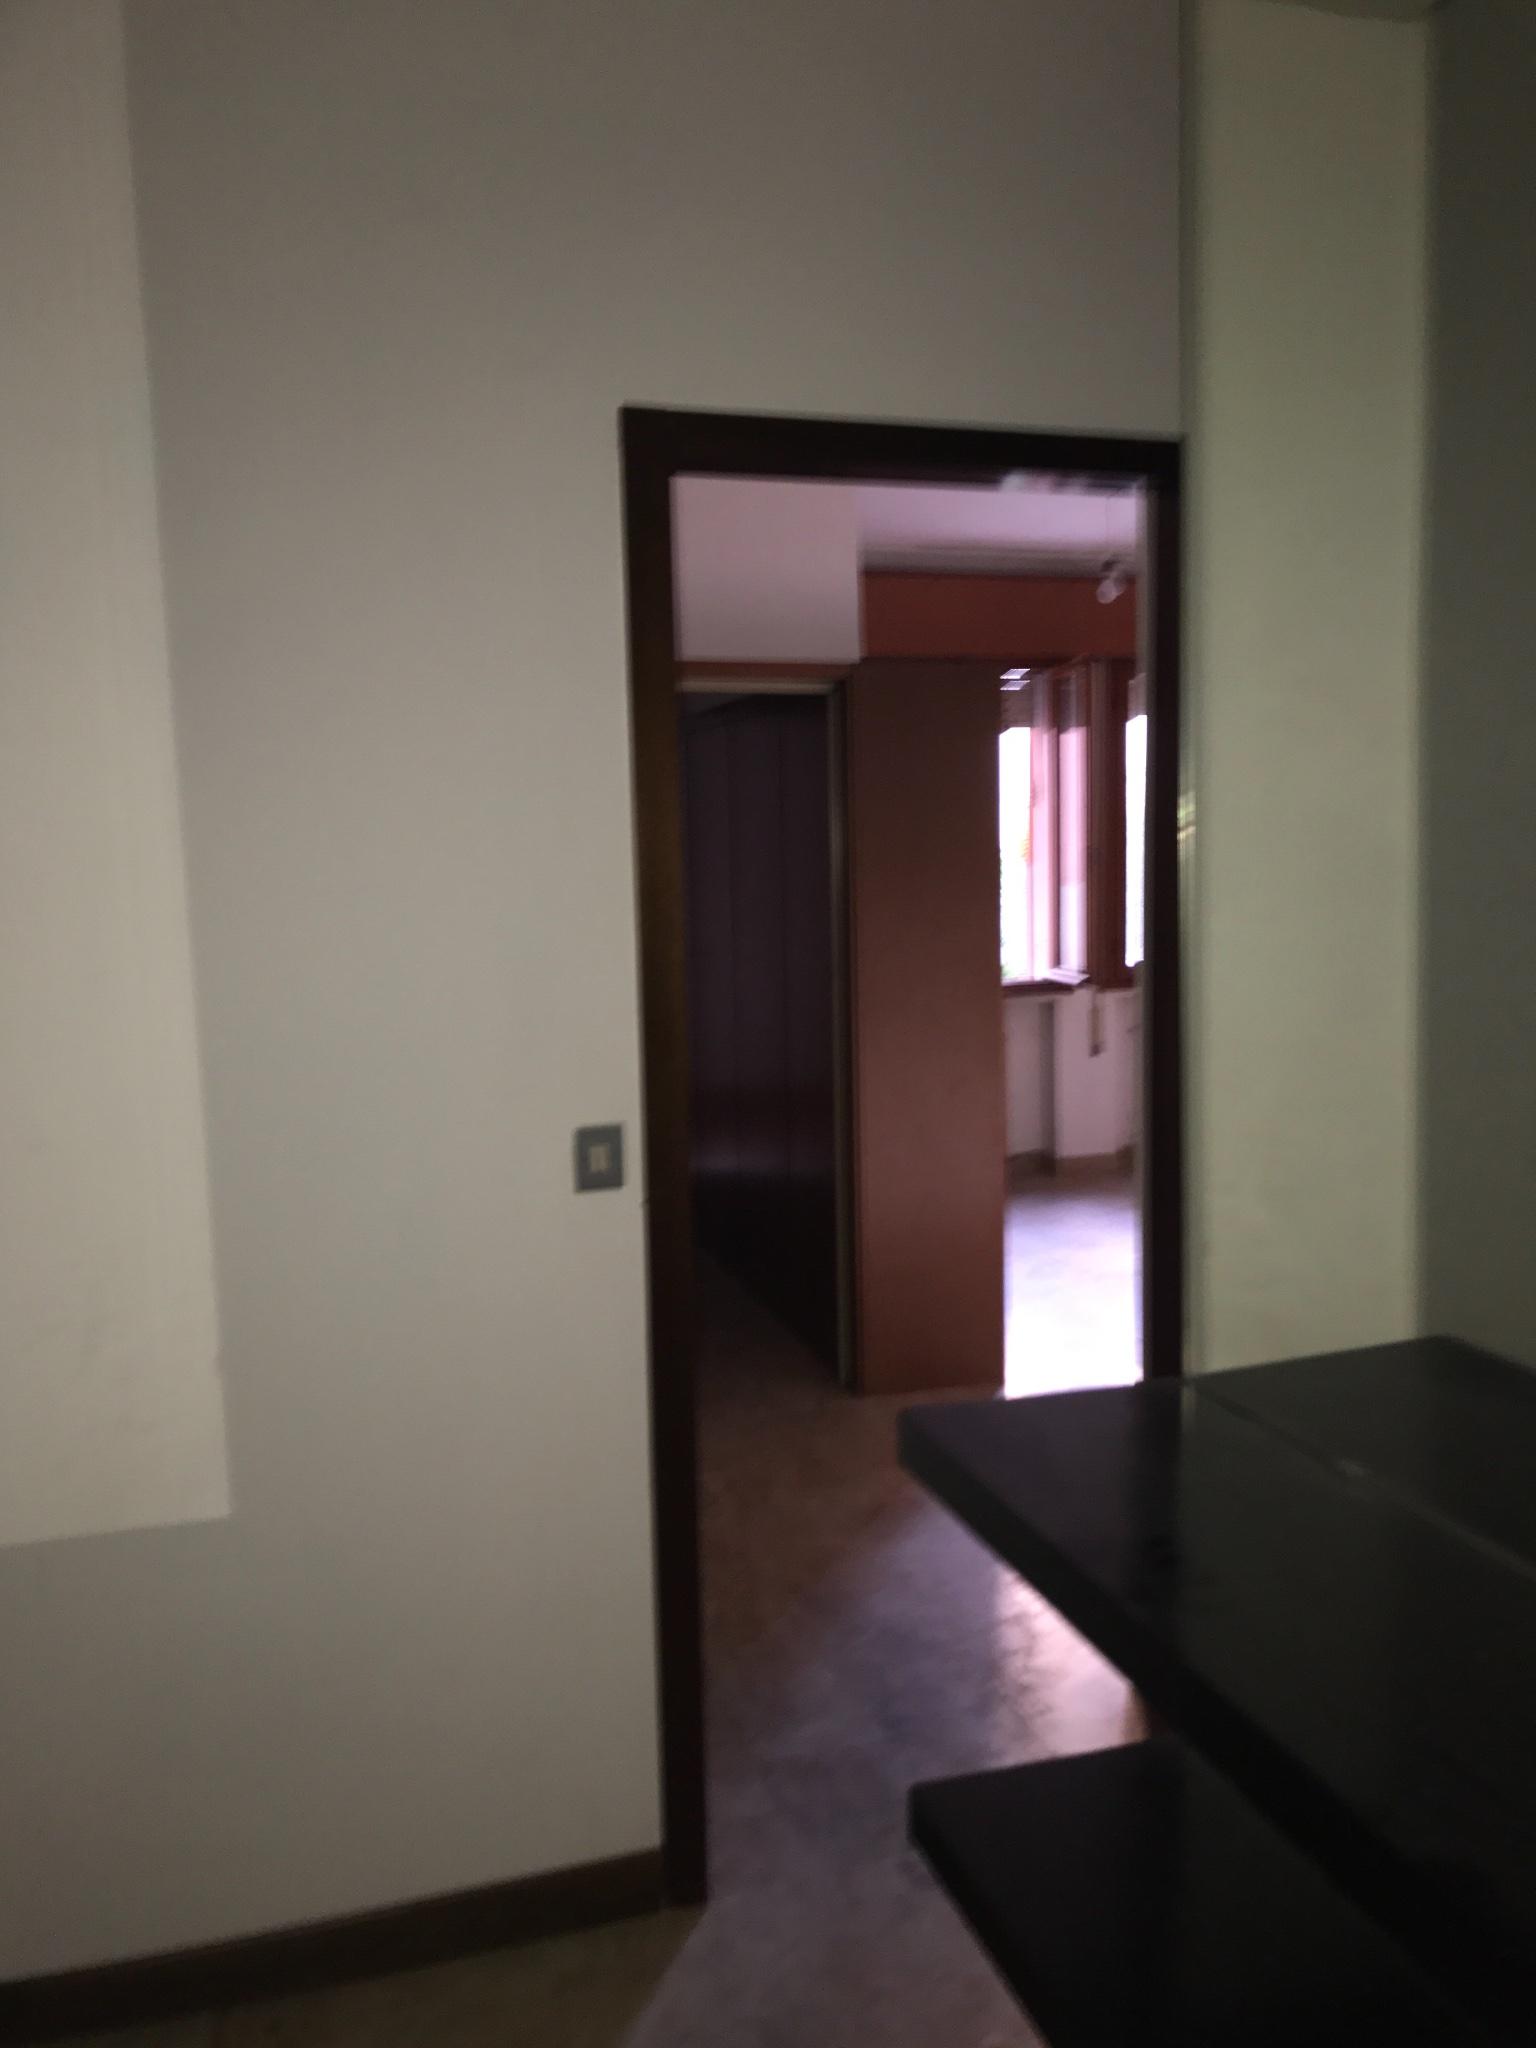 Lucida pavimenti marmo e parquet rifare bagno tinteggiare piastrelle c instapro for Tinteggiare il bagno